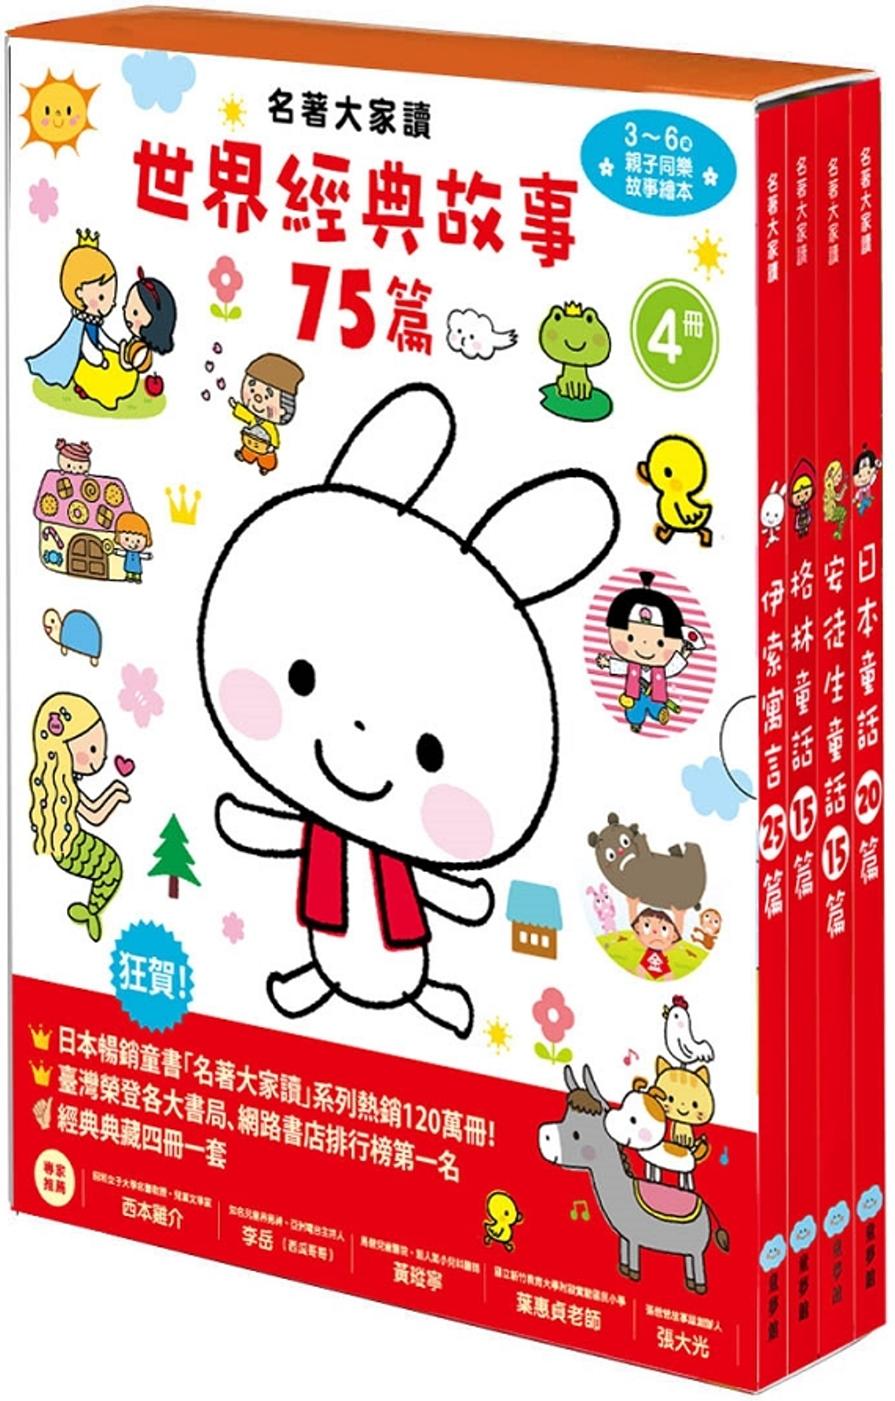 名著大家讀 世界經典故事75篇(伊索寓言、格林童話、安徒生童話和日本童話,共4冊)